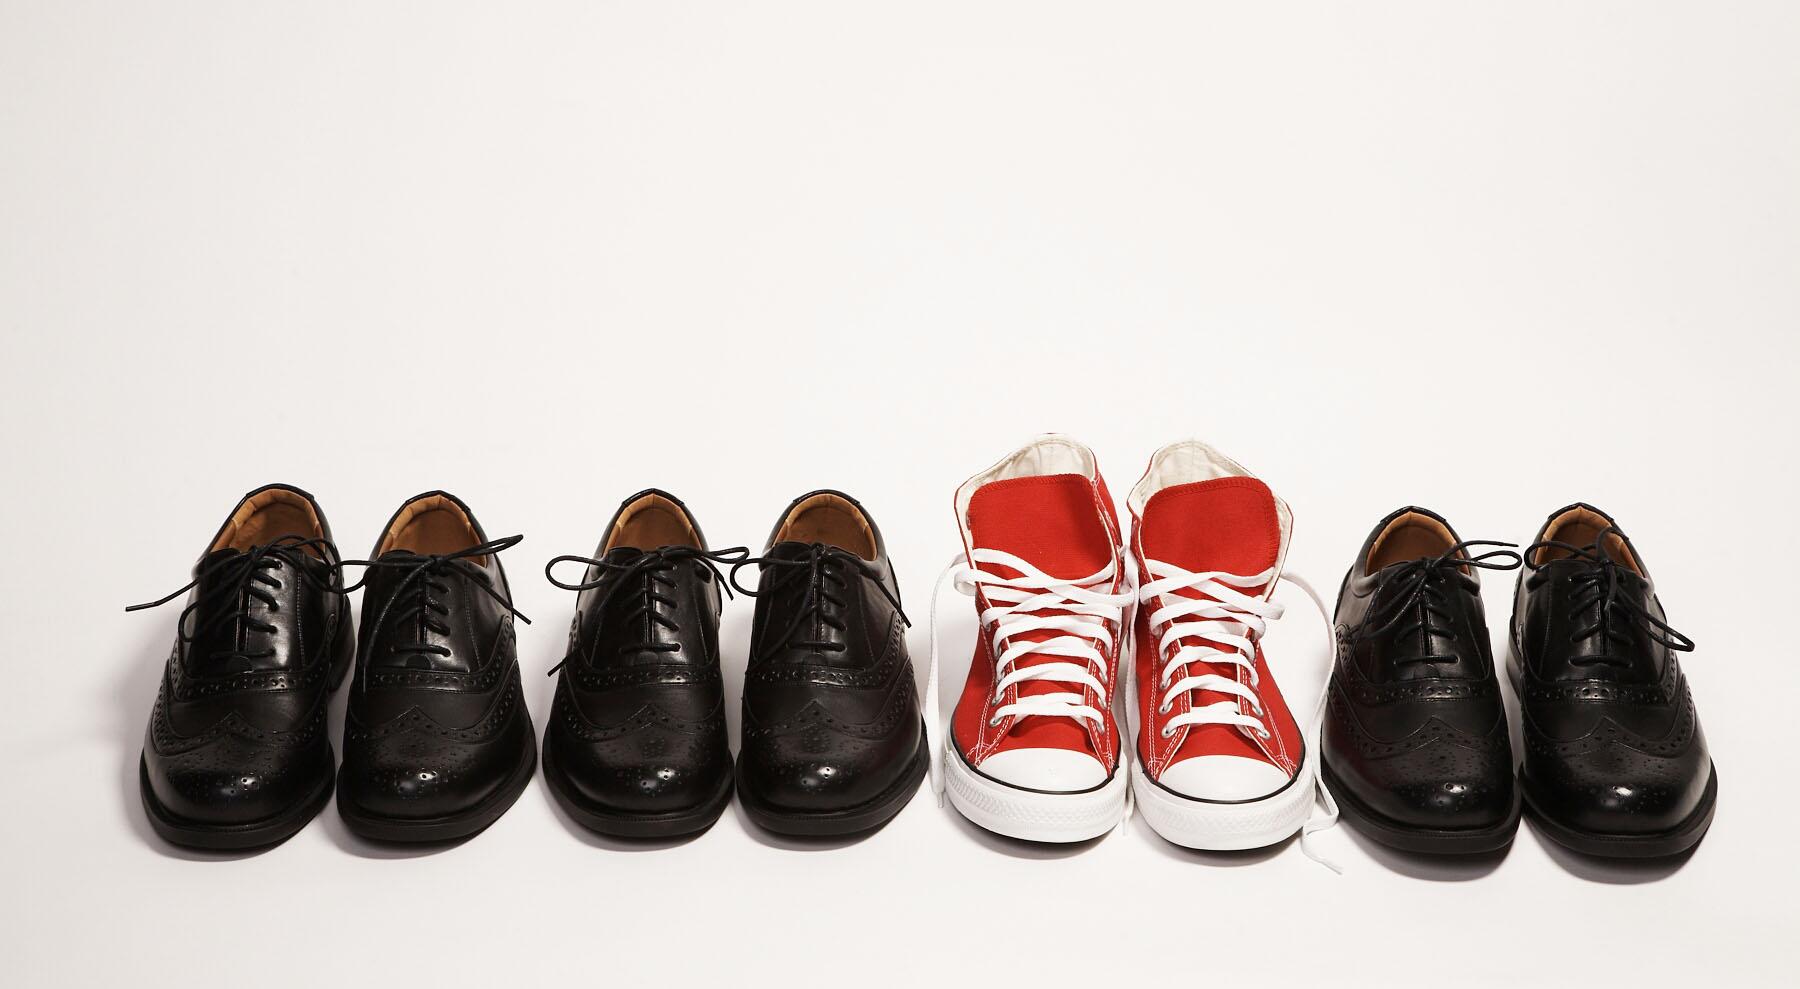 shoe standout